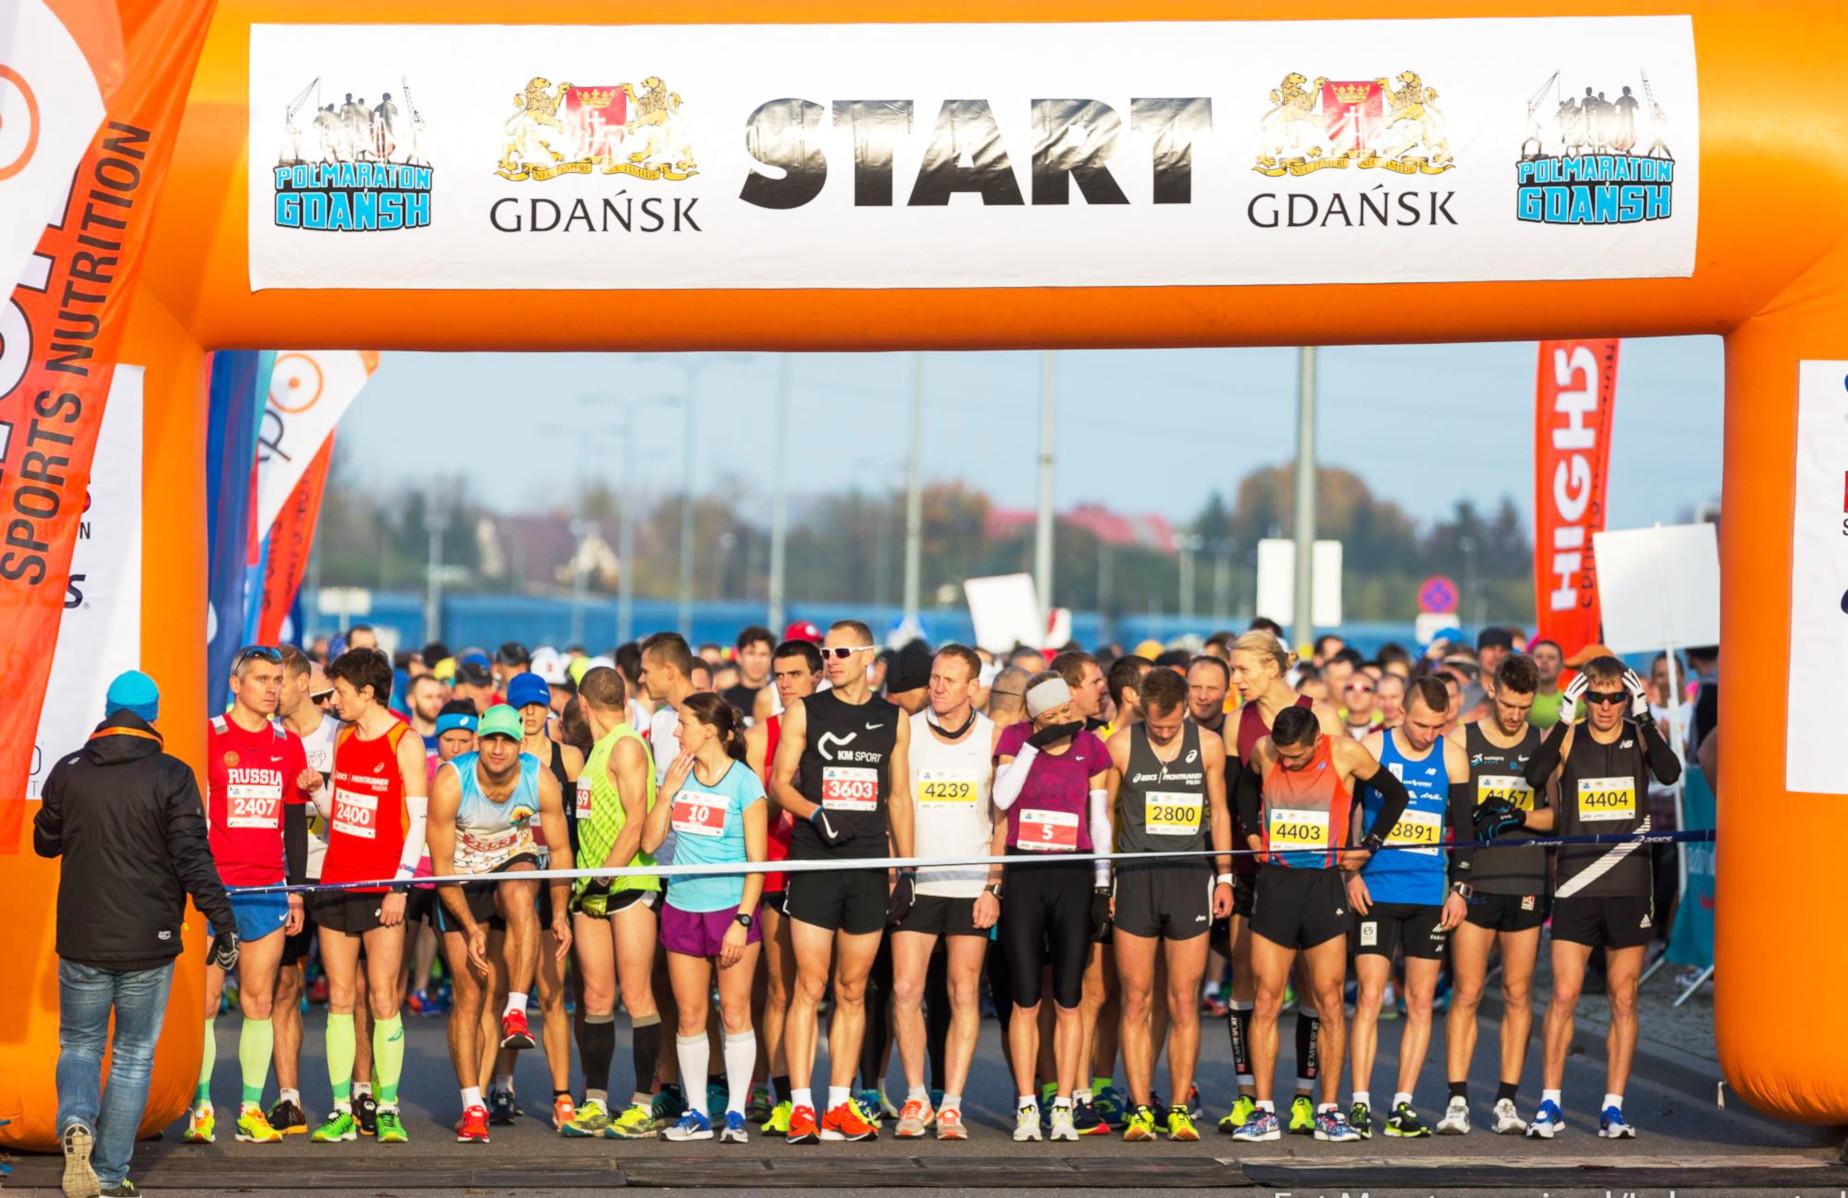 Nie tylko Nocna Dycha i Półmaraton Gdańsk. W ten weekend ulicami Gdańska zawładną biegacze